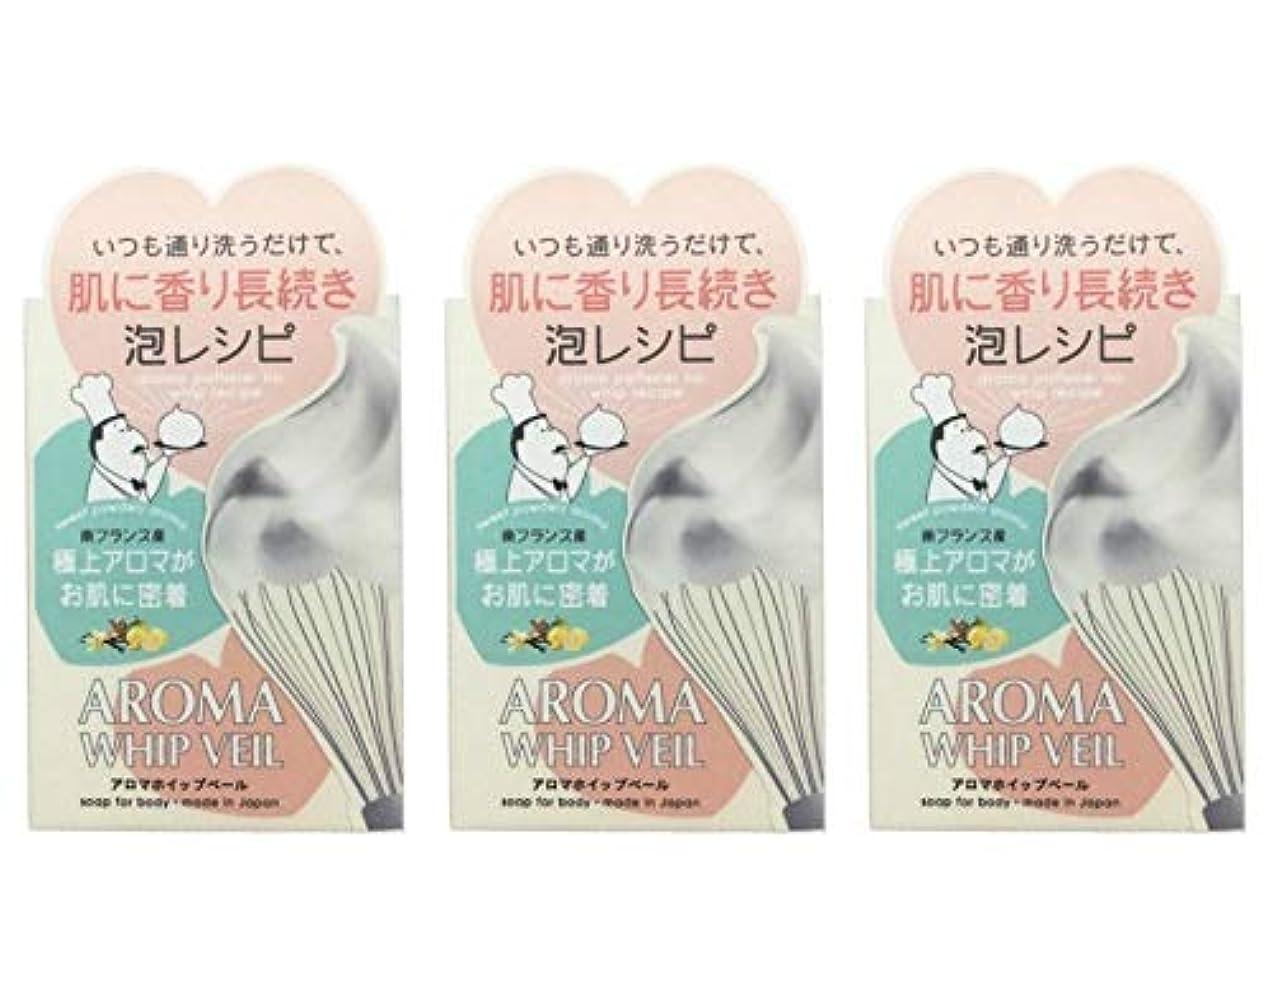 感覚弓発明【3個セット】ペリカン石鹸 アロマホイップベール石鹸 100g【3個セット】